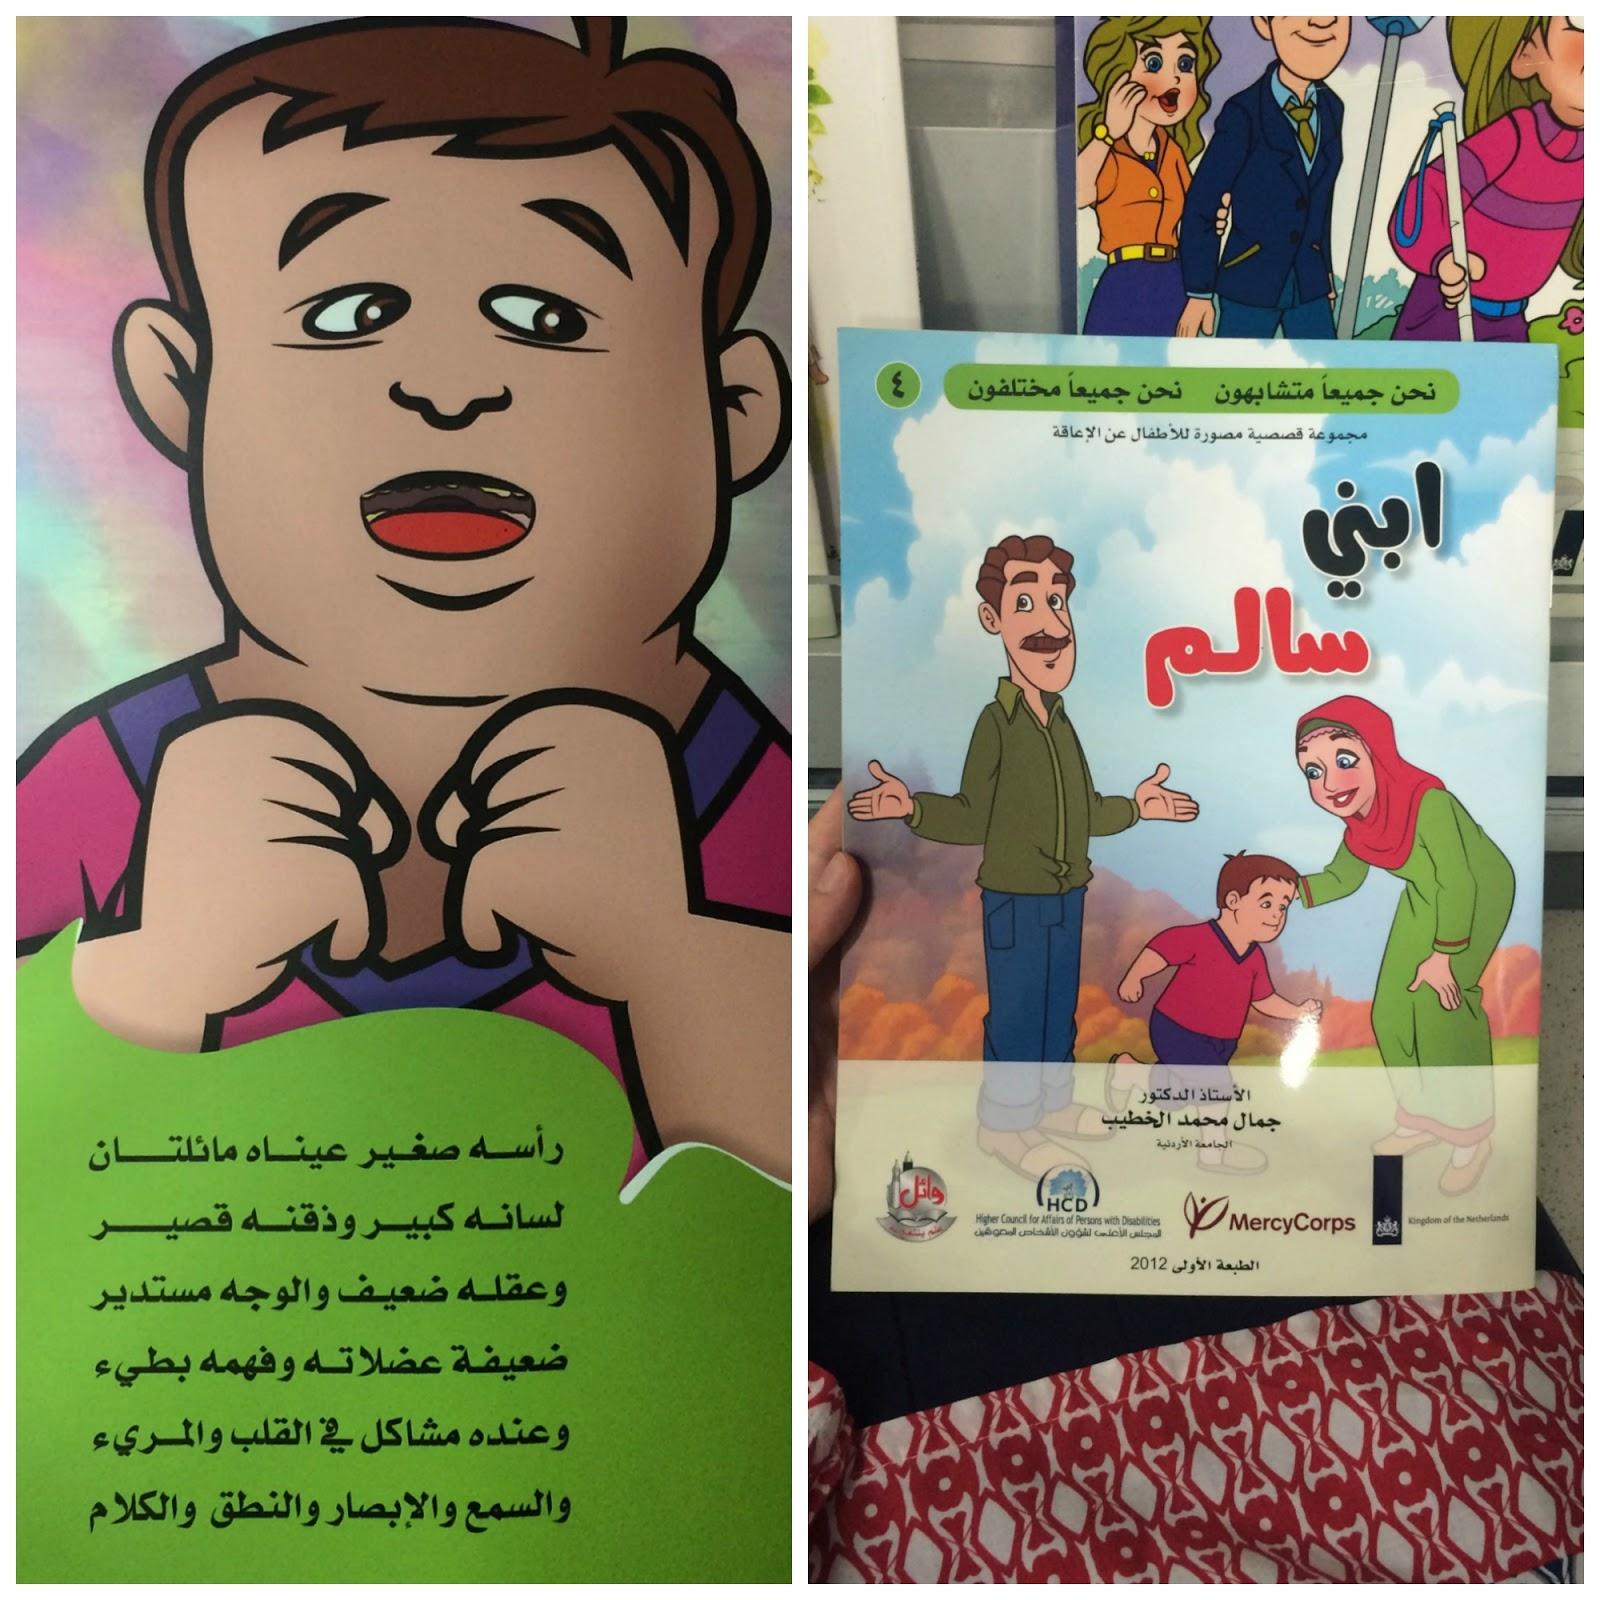 بالصور قصص قصيرة للاطفال , بعض القصص التعلمية للطفل 3296 10